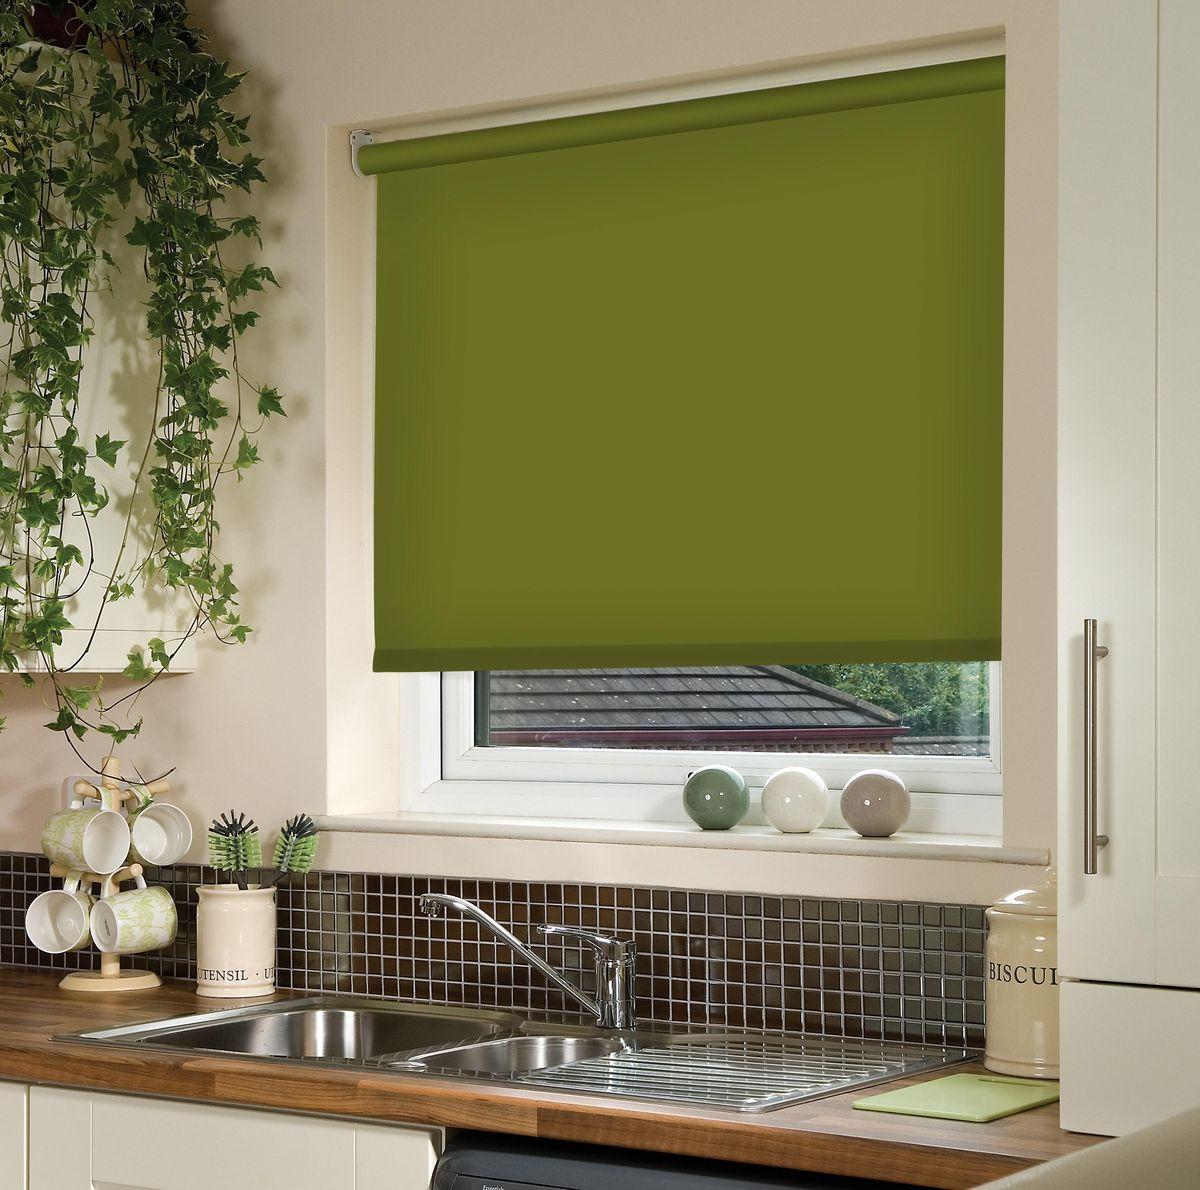 Штора рулонная Эскар, цвет: темно-оливковый, ширина 130 см, высота 170 см81018130170Рулонными шторами можно оформлять окна как самостоятельно, так и использовать в комбинации с портьерами. Это поможет предотвратить выгорание дорогой ткани на солнце и соединит функционал рулонных с красотой навесных. Преимущества применения рулонных штор для пластиковых окон: - имеют прекрасный внешний вид: многообразие и фактурность материала изделия отлично смотрятся в любом интерьере; - многофункциональны: есть возможность подобрать шторы способные эффективно защитить комнату от солнца, при этом она не будет слишком темной. - Есть возможность осуществить быстрый монтаж. ВНИМАНИЕ! Размеры ширины изделия указаны по ширине ткани! Во время эксплуатации не рекомендуется полностью разматывать рулон, чтобы не оторвать ткань от намоточного вала. В случае загрязнения поверхности ткани, чистку шторы проводят одним из способов, в зависимости от типа загрязнения: легкое поверхностное загрязнение можно удалить при помощи канцелярского ластика; чистка от пыли производится сухим методом при...